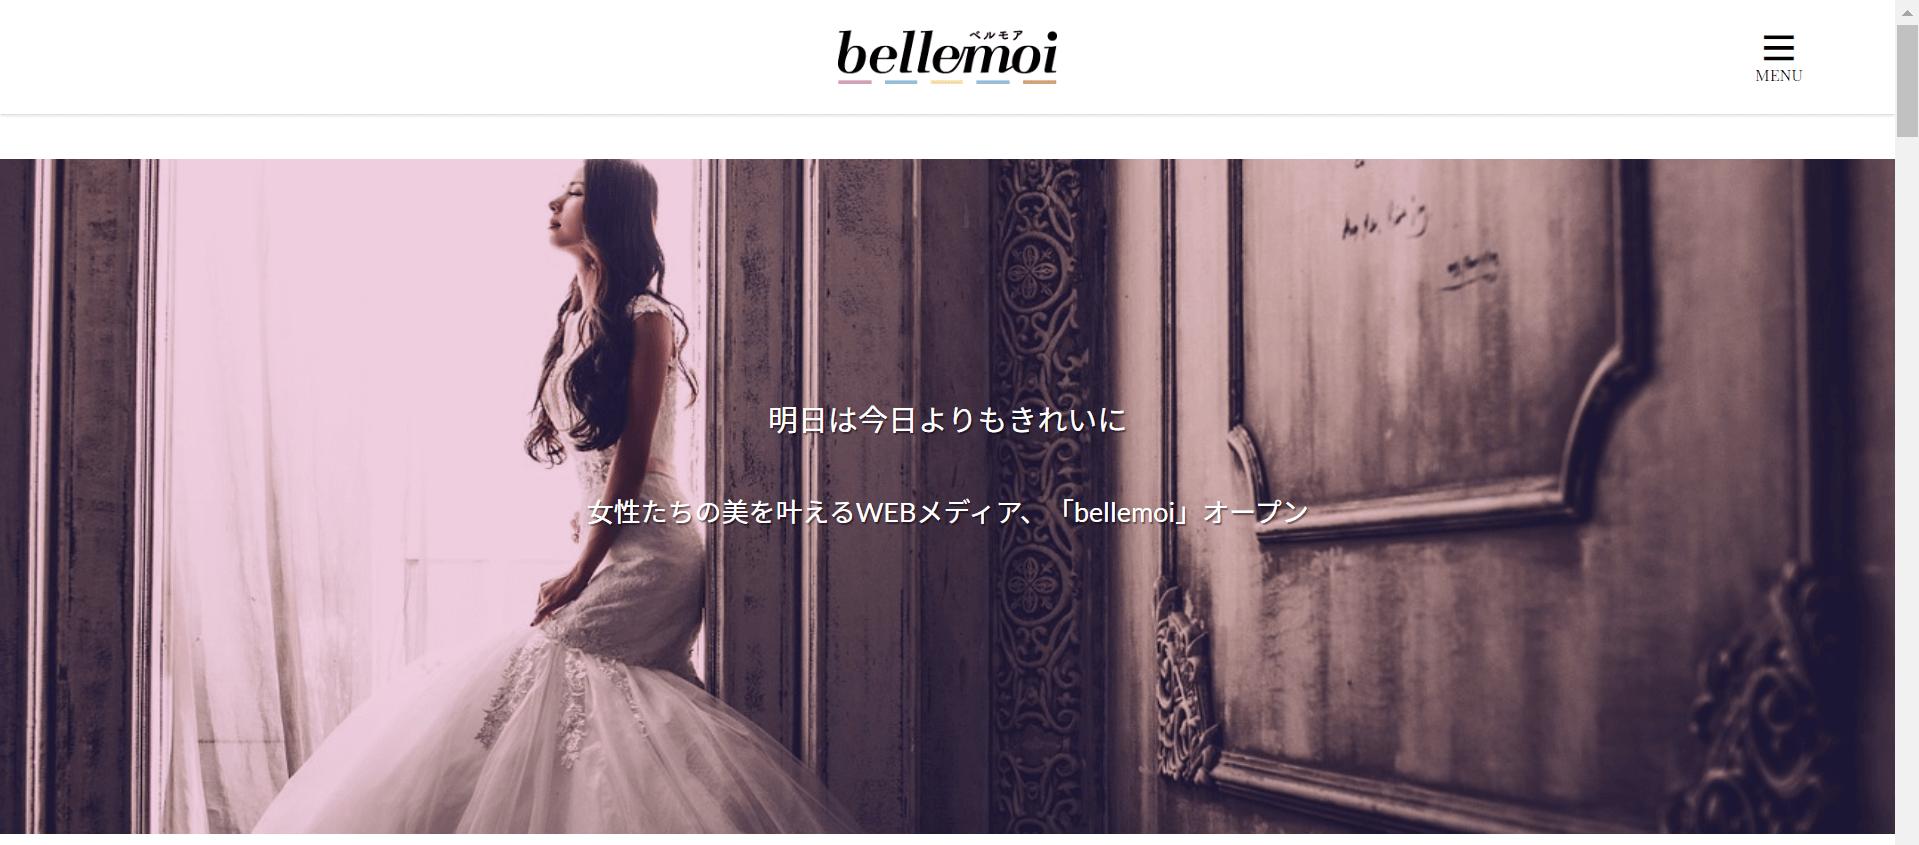 女性メディア 【bellemoi (ベルモア) 】様に取材・掲載頂きました。